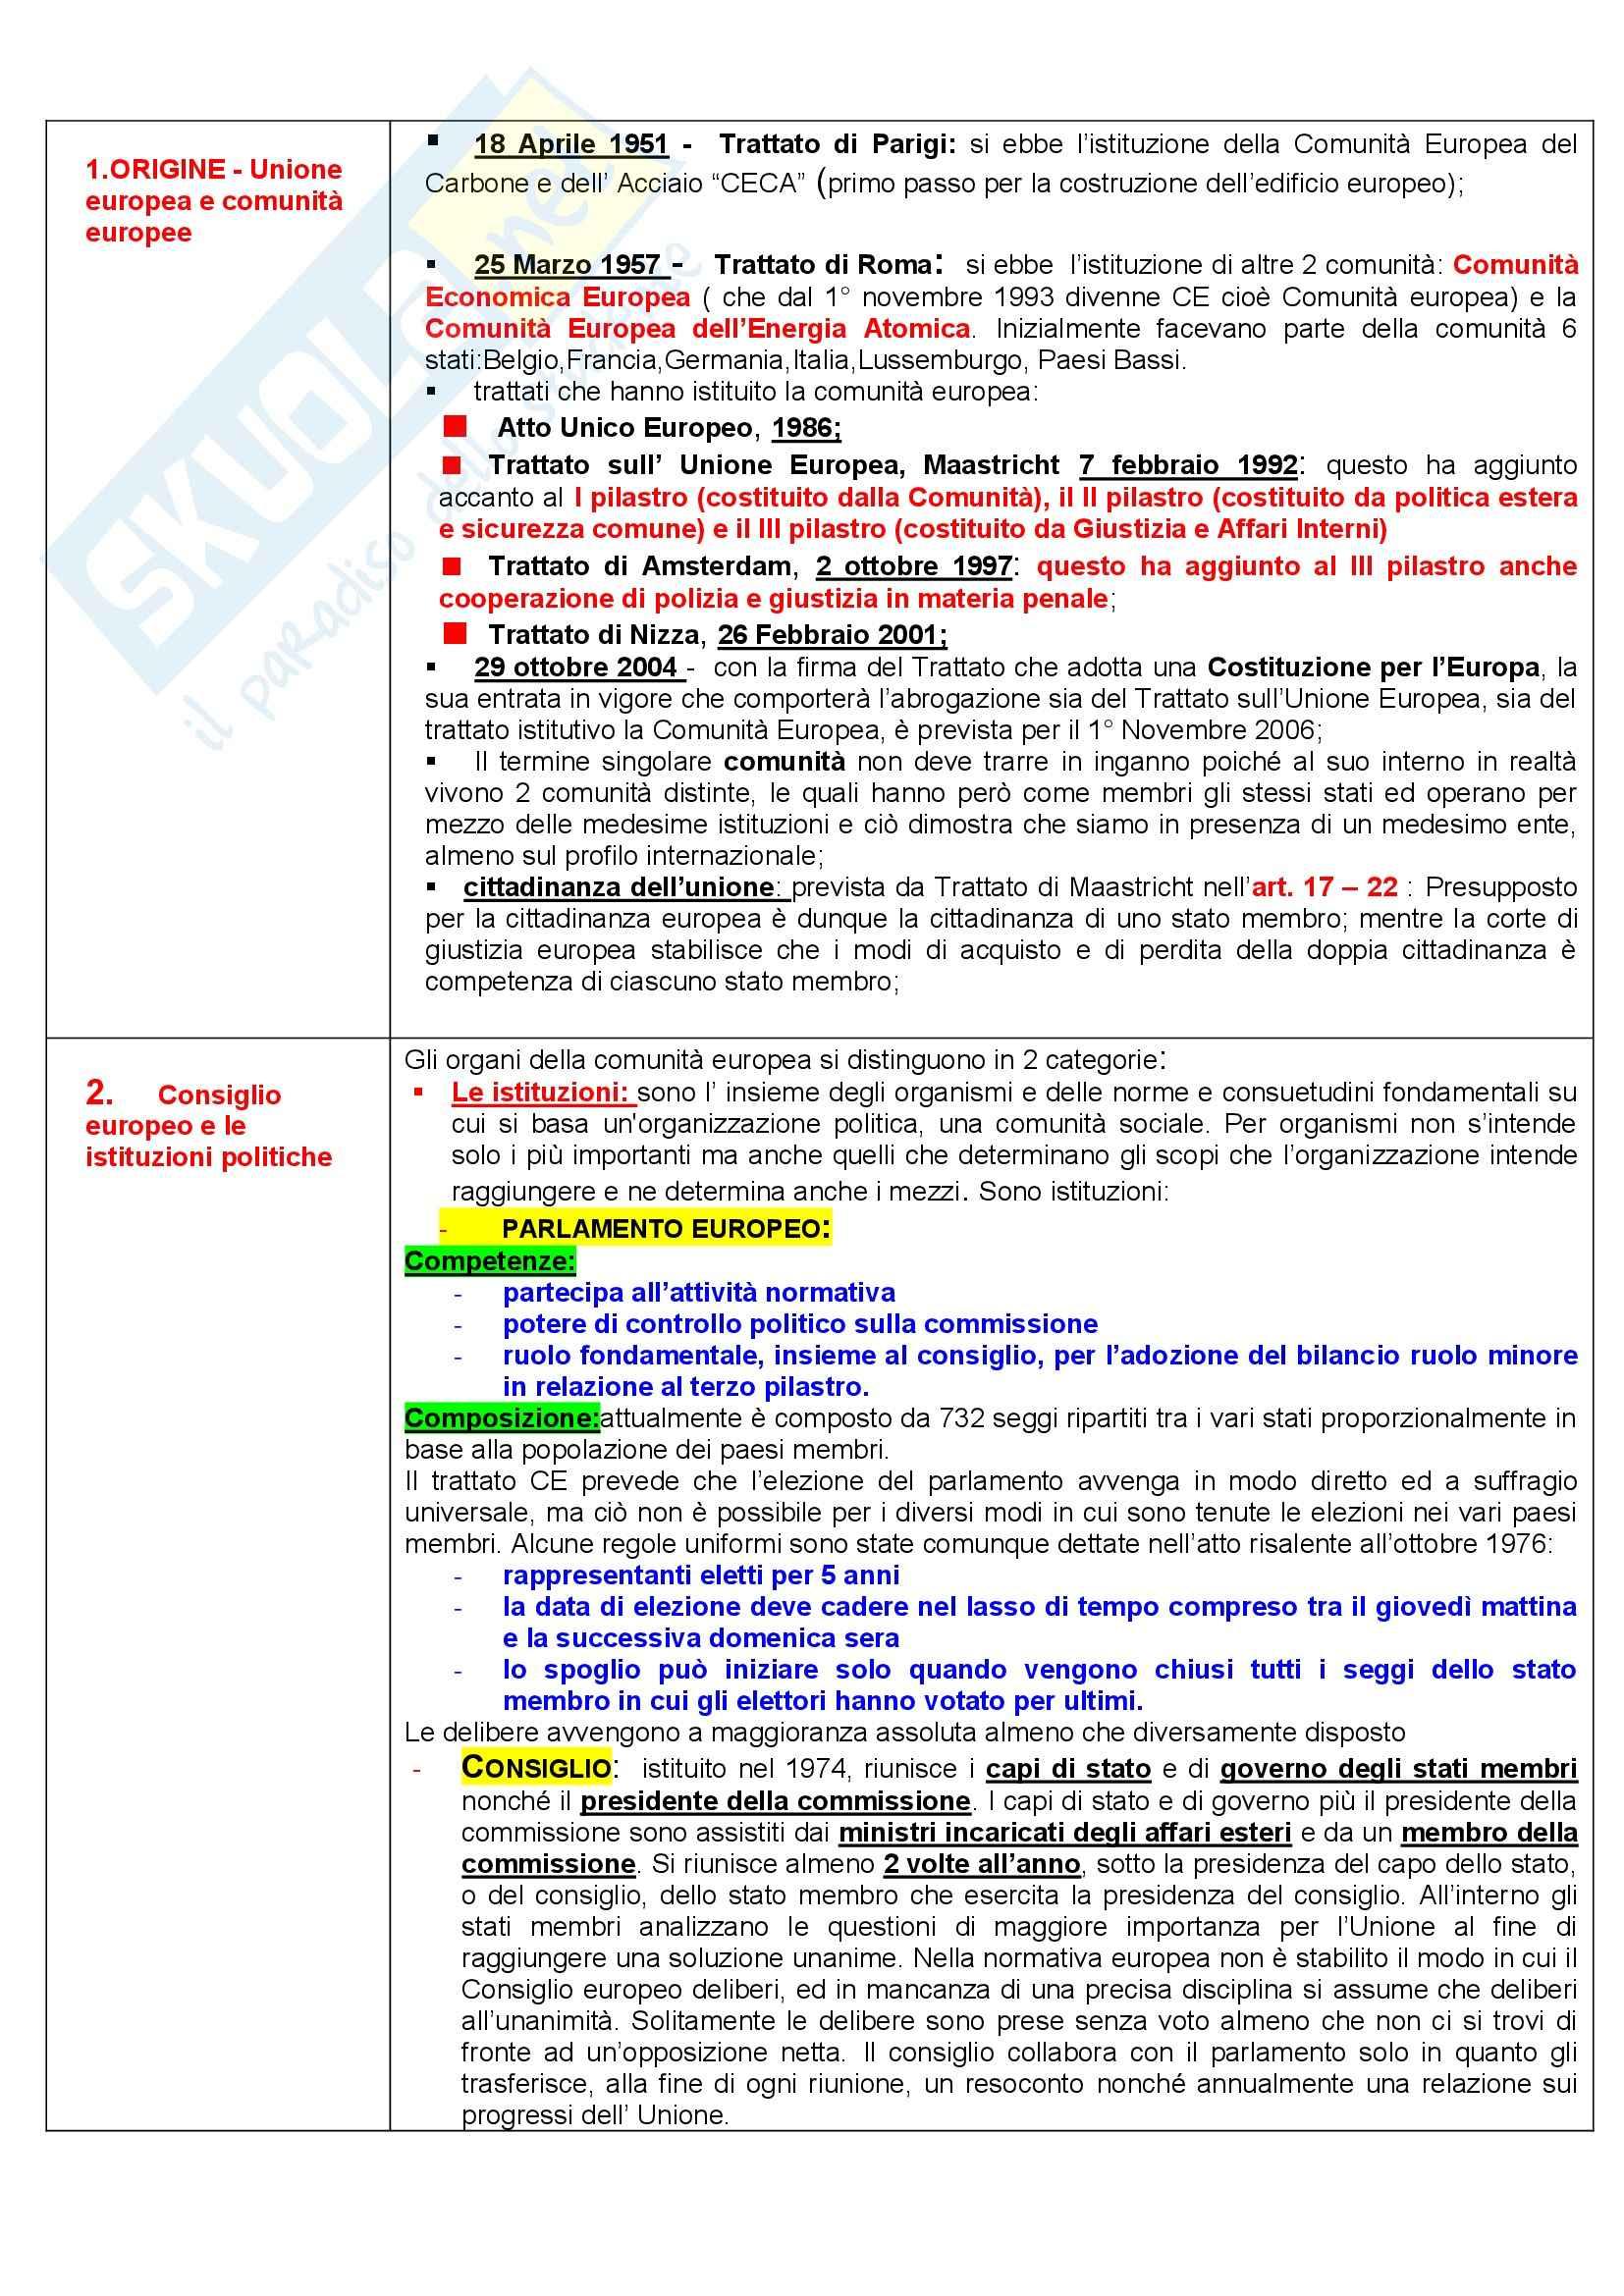 Diritto dell'Unione Europea - storia e trattati - Appunti